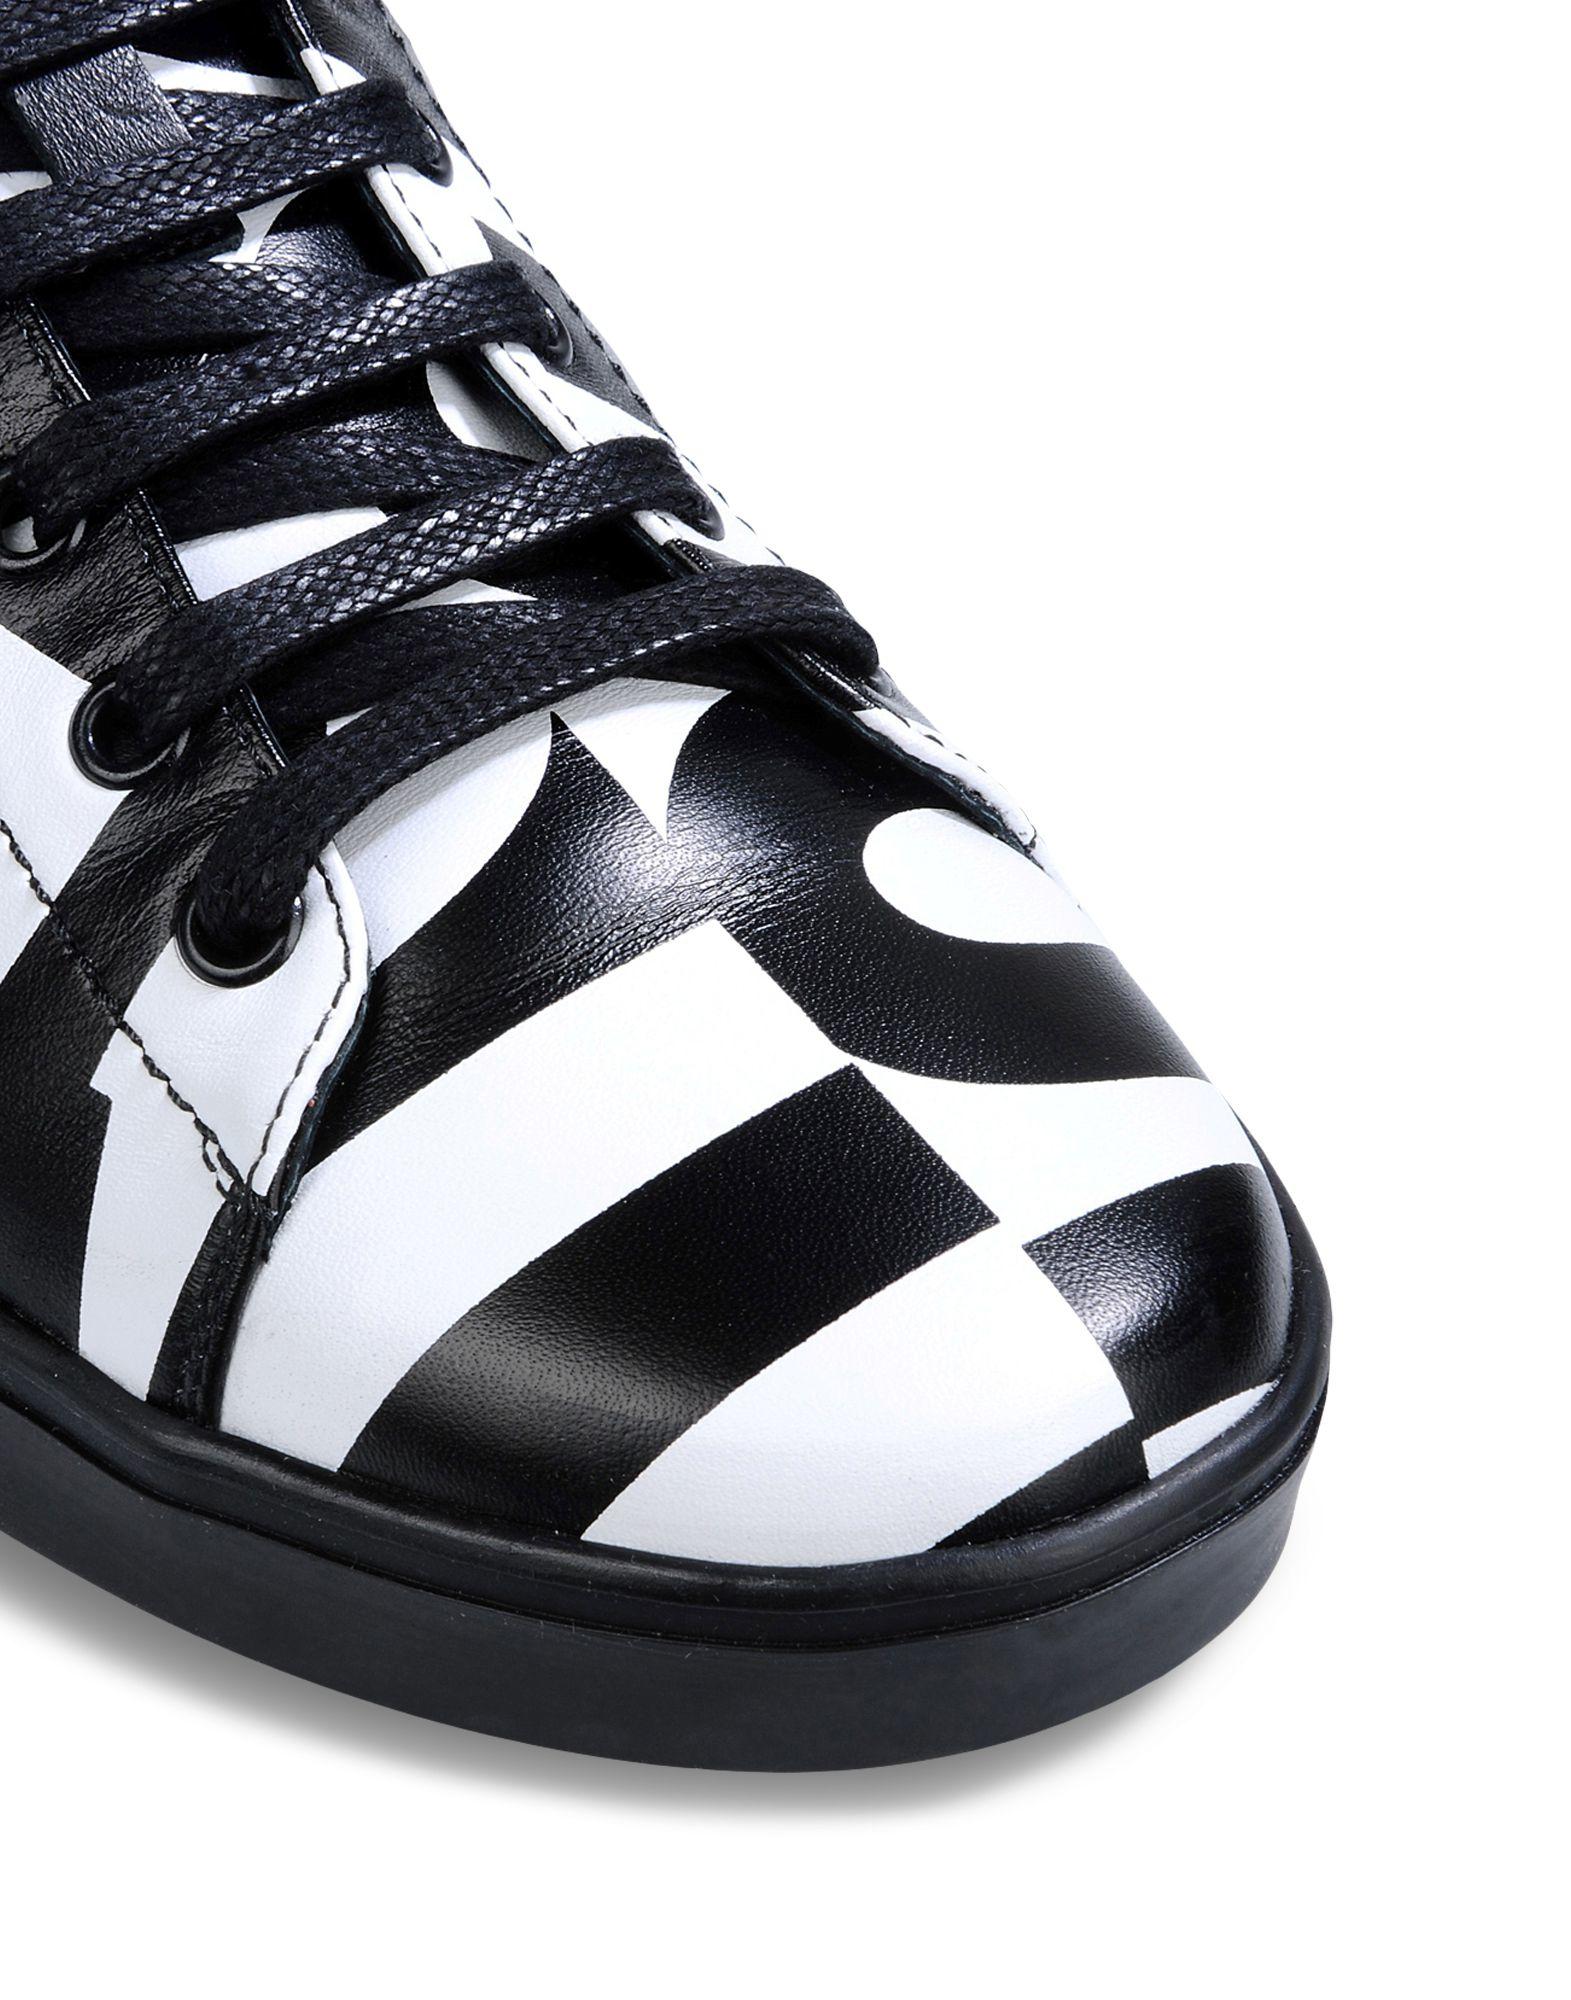 chion sport shoes 28 images chion sport comfort shoes